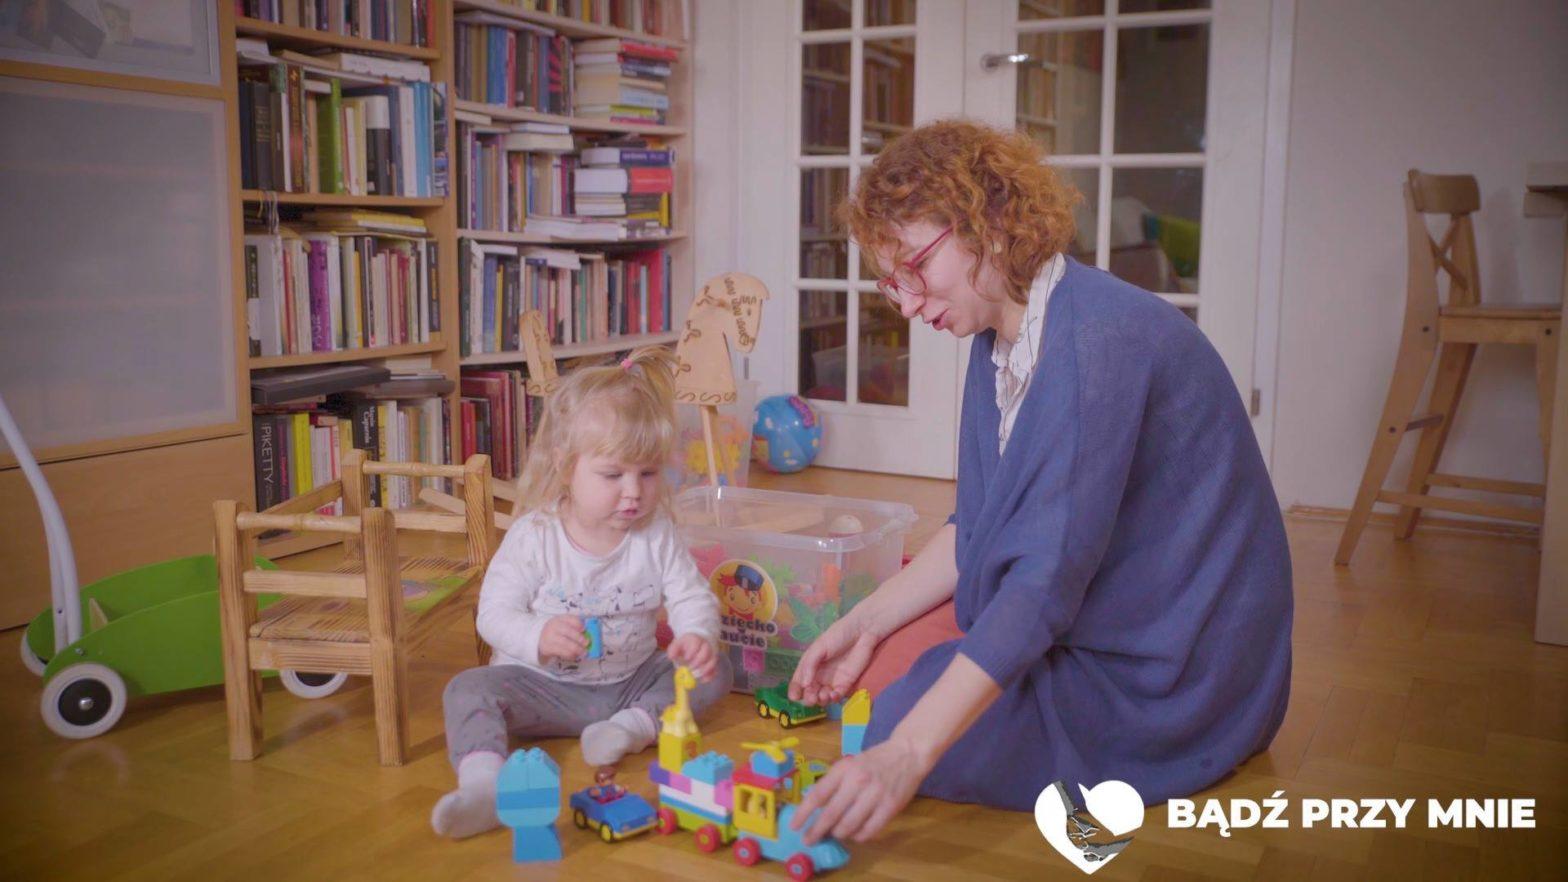 Obejrzyj Bądź przy mnie: stop opłatom za pobyt rodziców z dziećmi w szpitalu